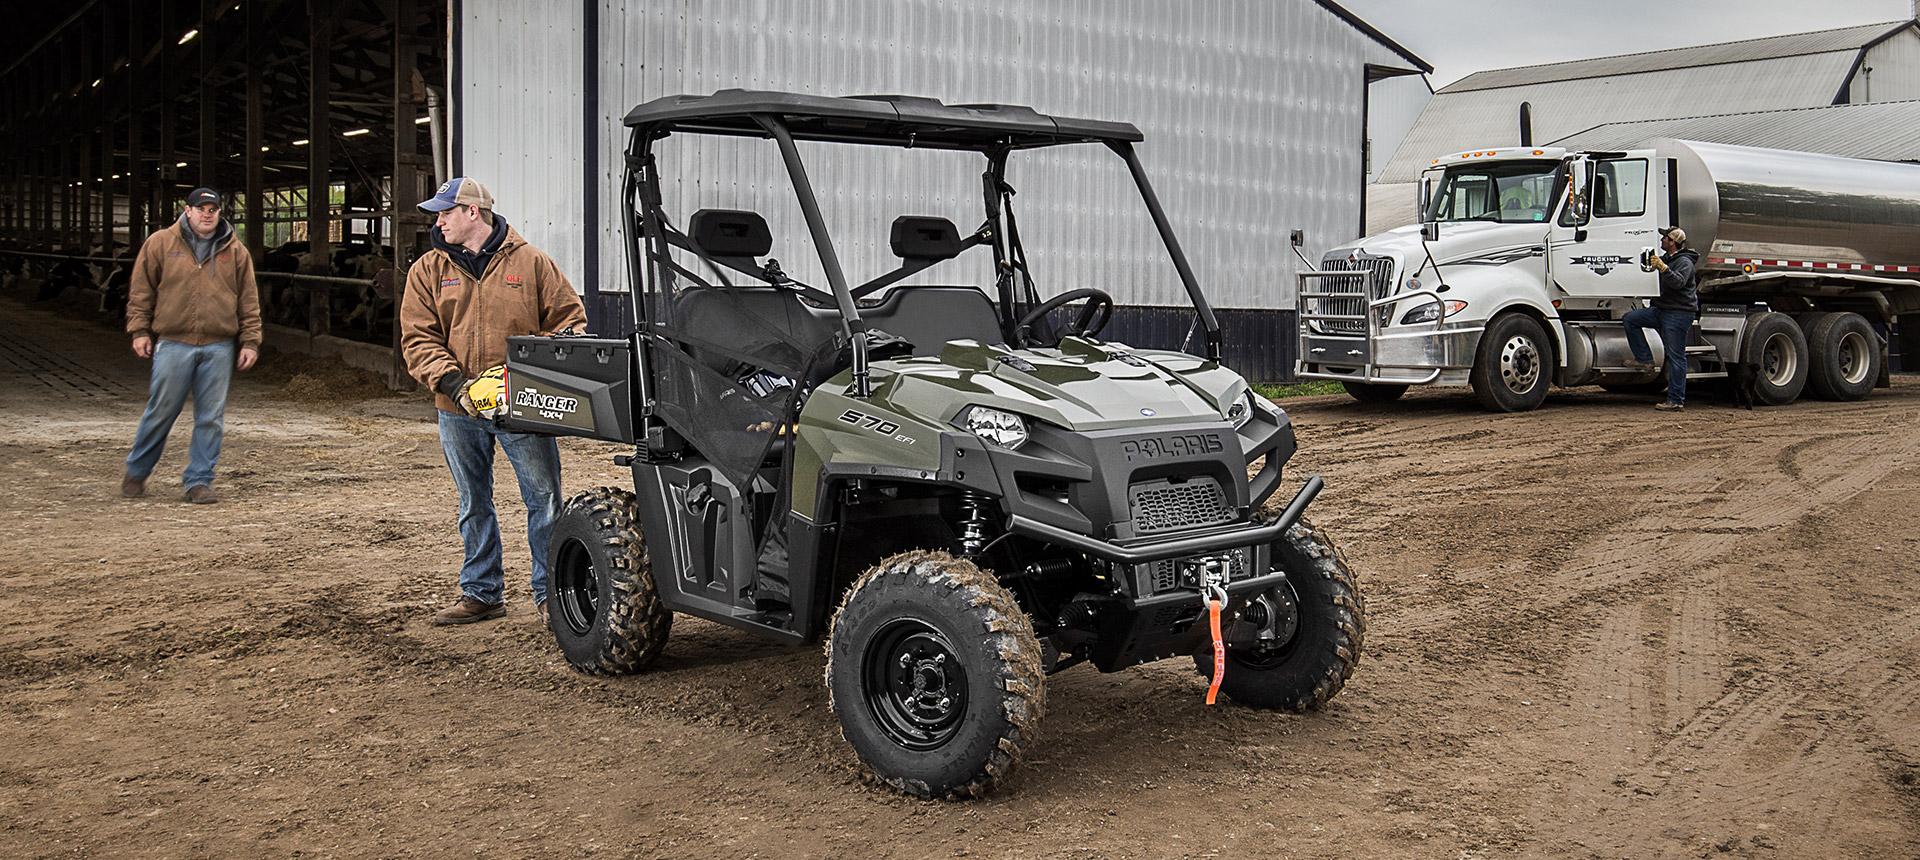 ranger-570-full-size-media-8